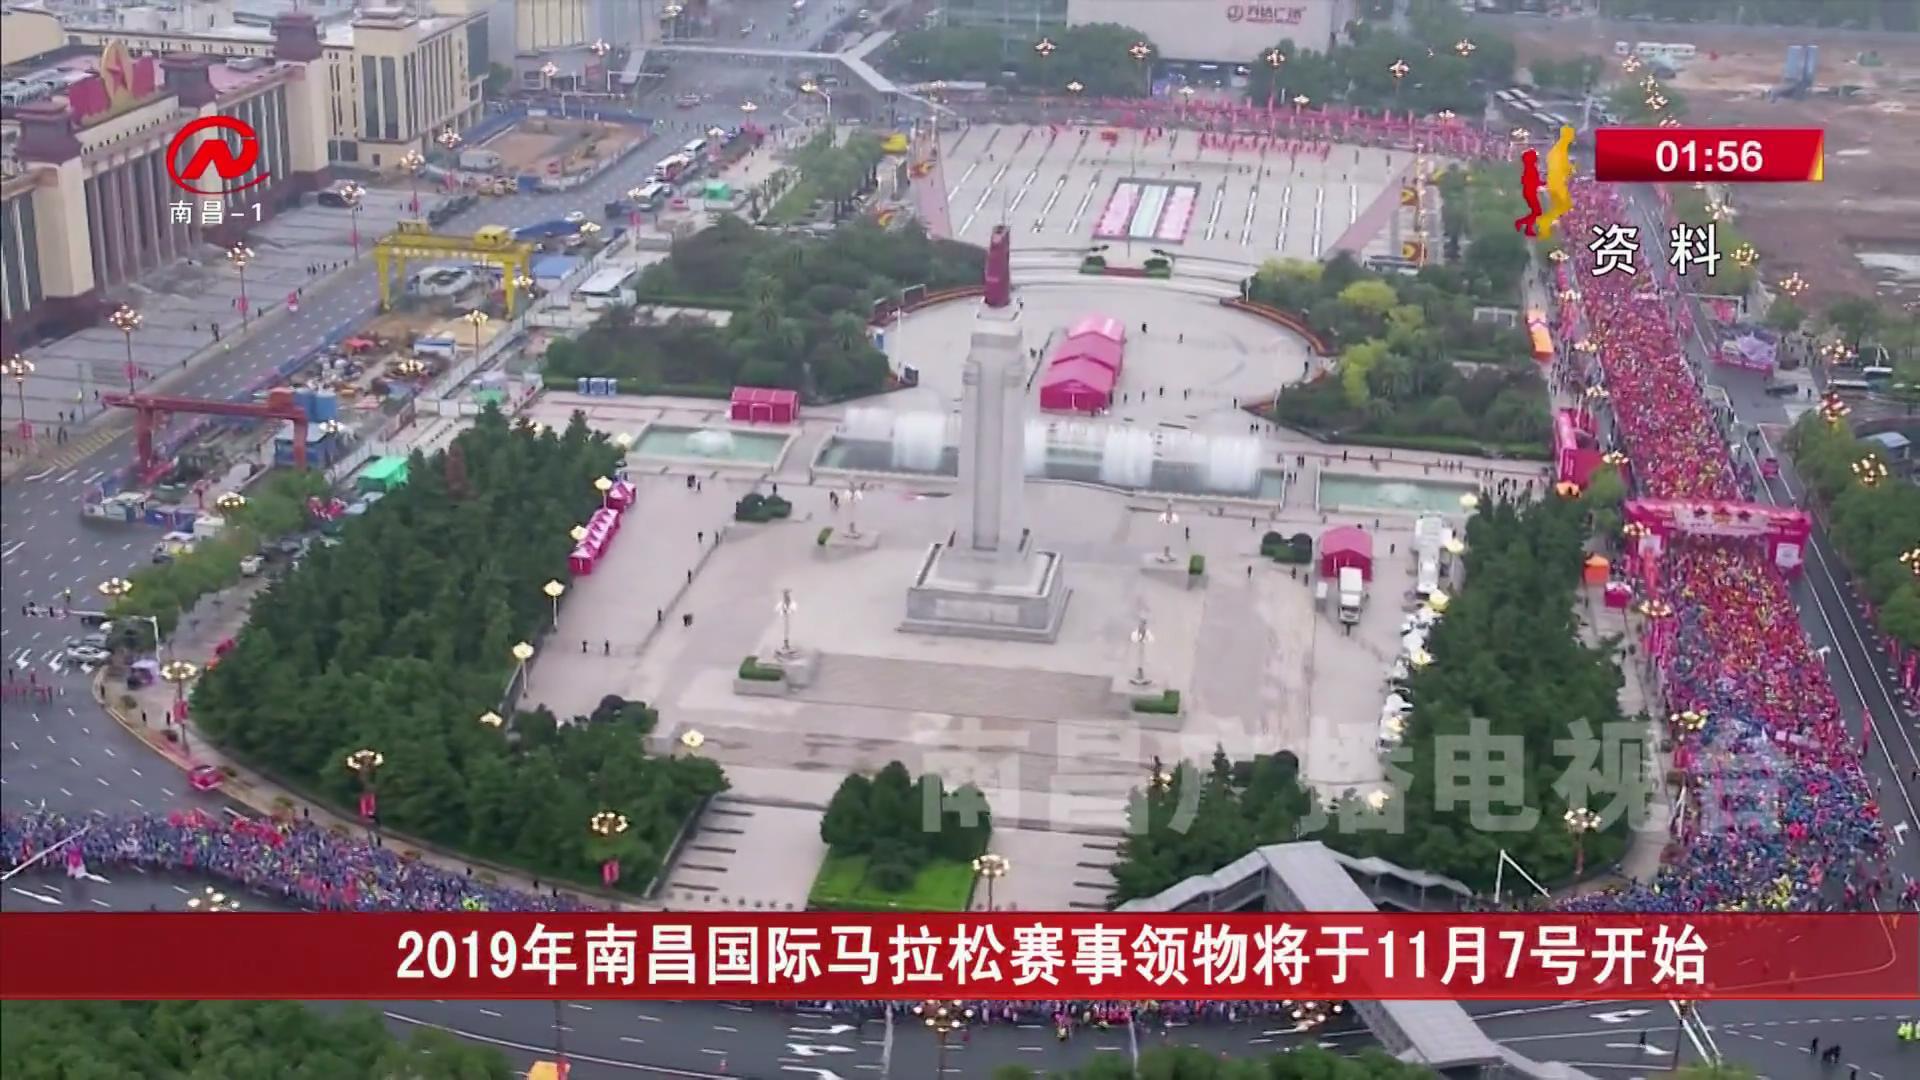 2019年南昌国际马拉松赛事领物将于11月7号开始